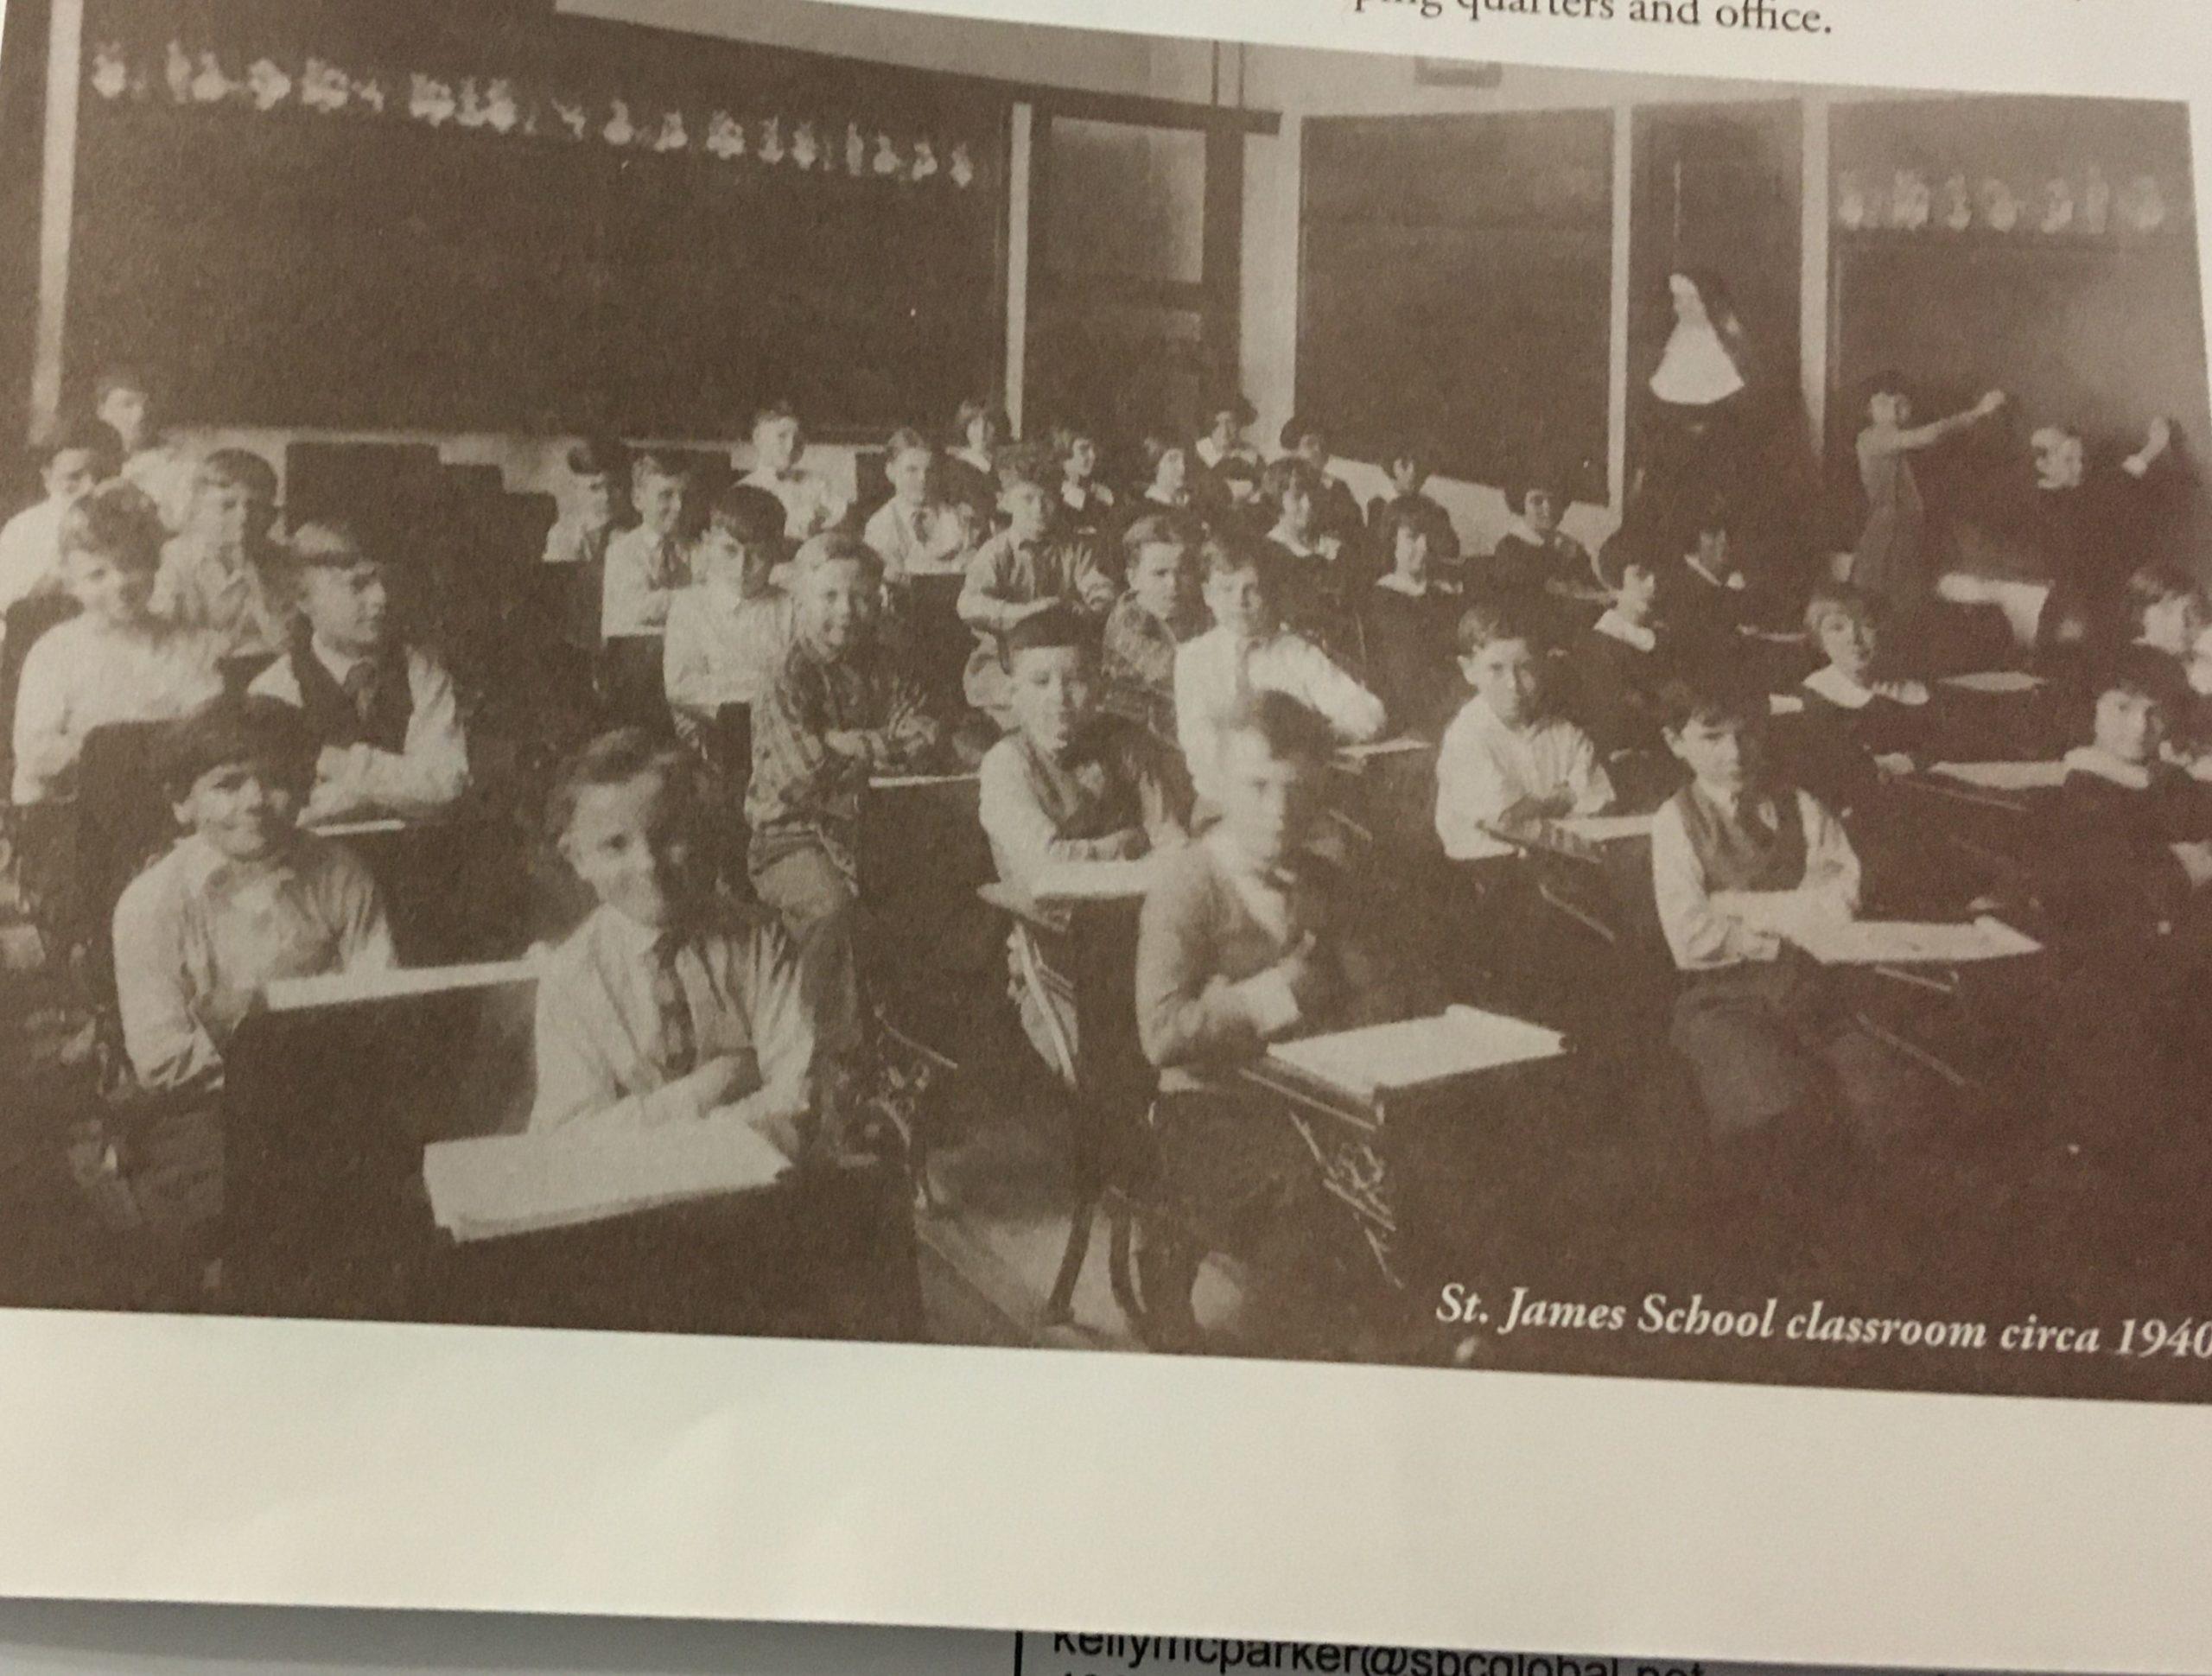 St James School 1940